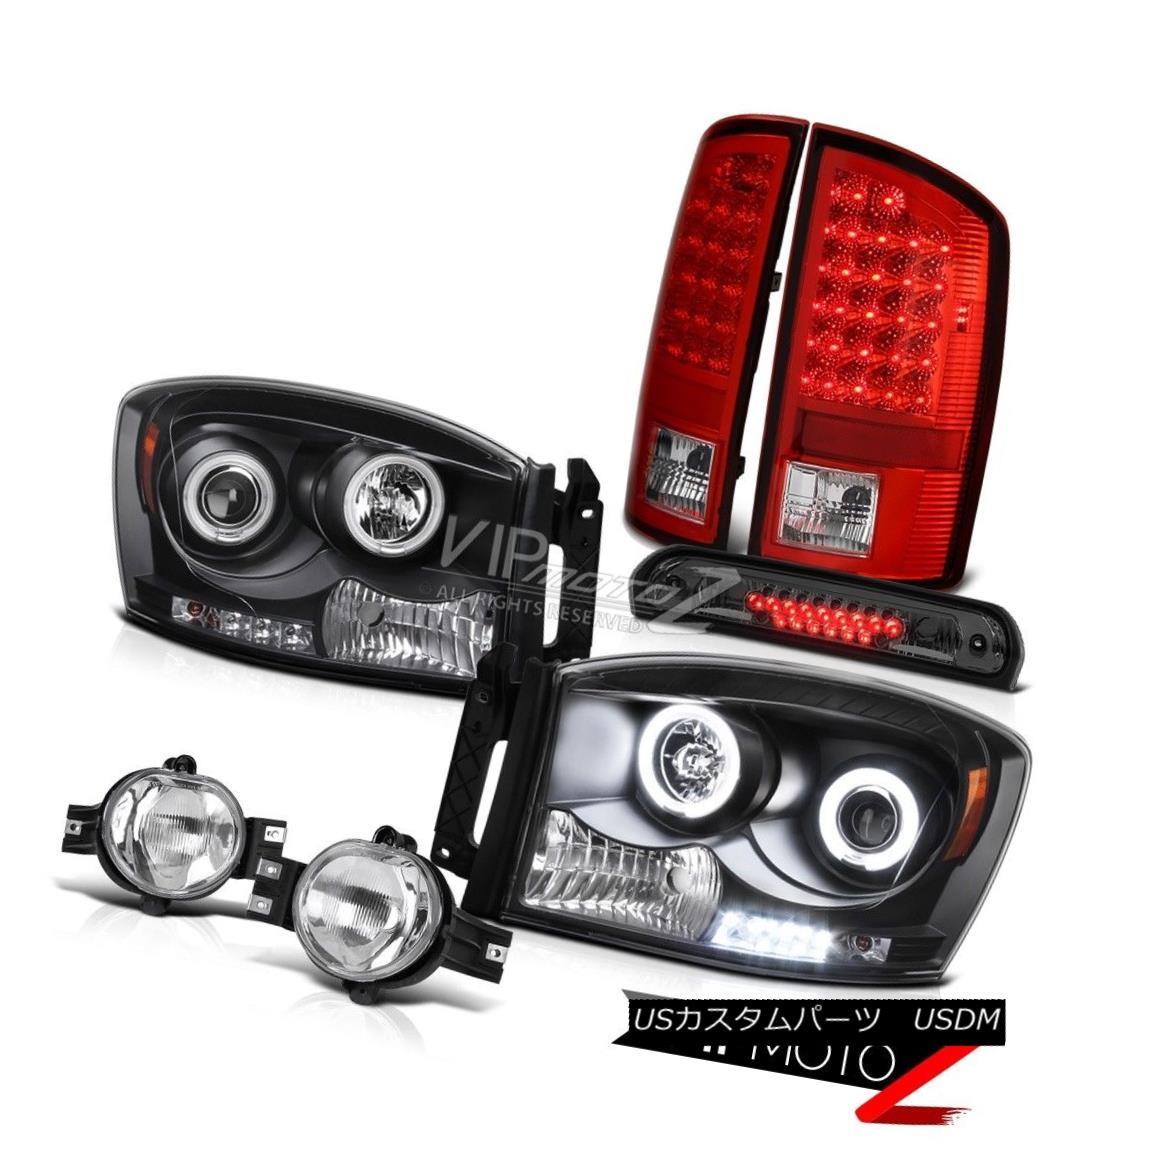 ヘッドライト 2006 Dodge Ram Magnum V8 Black CCFL Headlights RED LED Tail Lights Fog Cargo 2006ダッジラムマグナムV8ブラックCCFLヘッドライトRED LEDテールライトフォグカーゴ